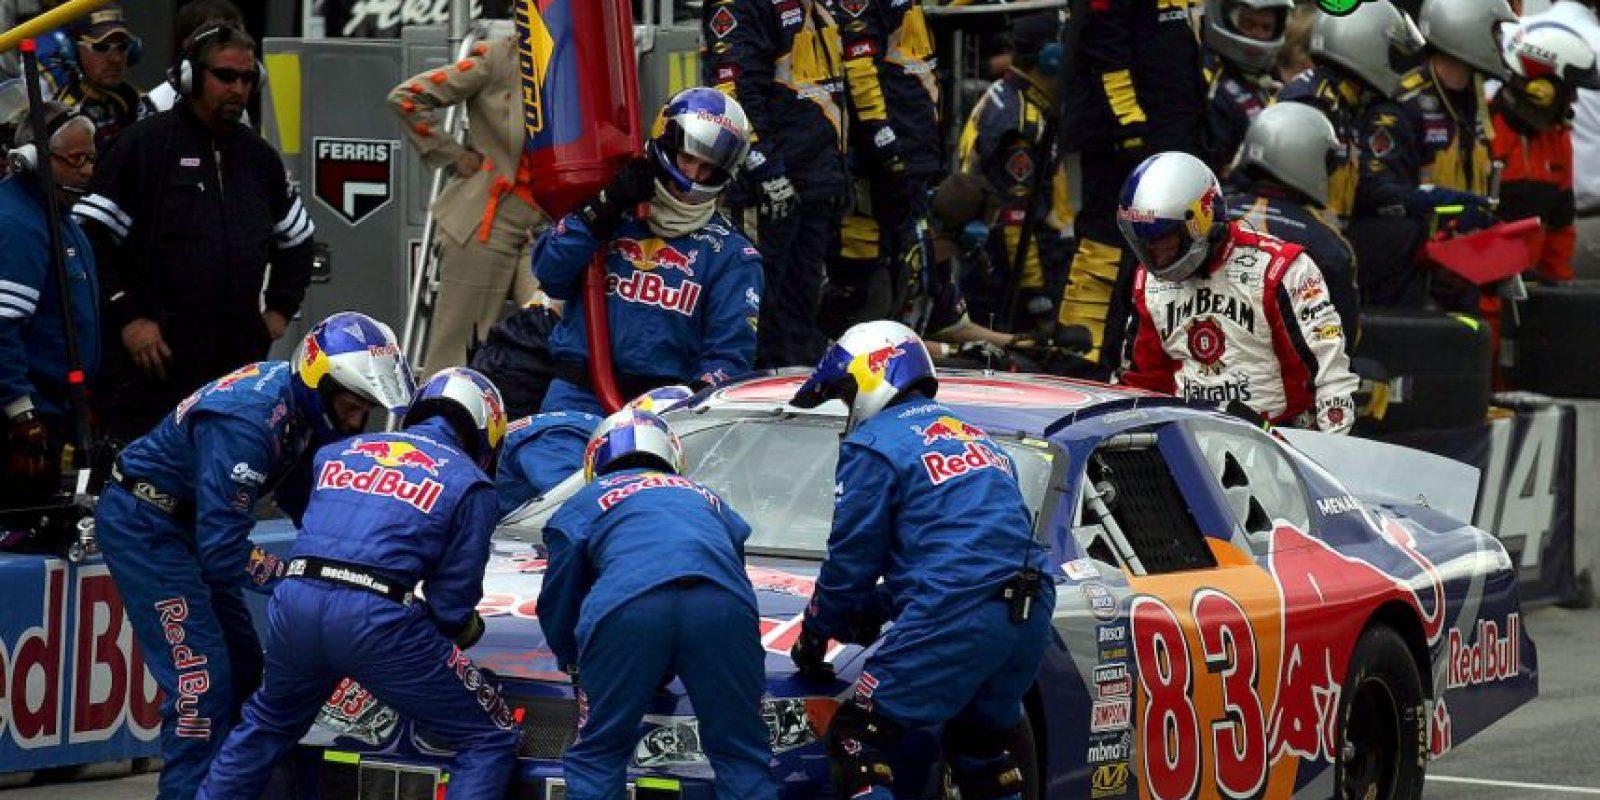 """En 2004, en México se corría el """"Desafío Corona"""", que estaba afiliado a la NASCAR. Durante una prueba en el Autódromo de Monterrey, el auto de Marcelo Núñez recibió un impacto del coche de Rafael Vallina, y a 180 kilómetros por hora, Núñez se estrelló contra el muro de contención. Foto:Getty Images"""